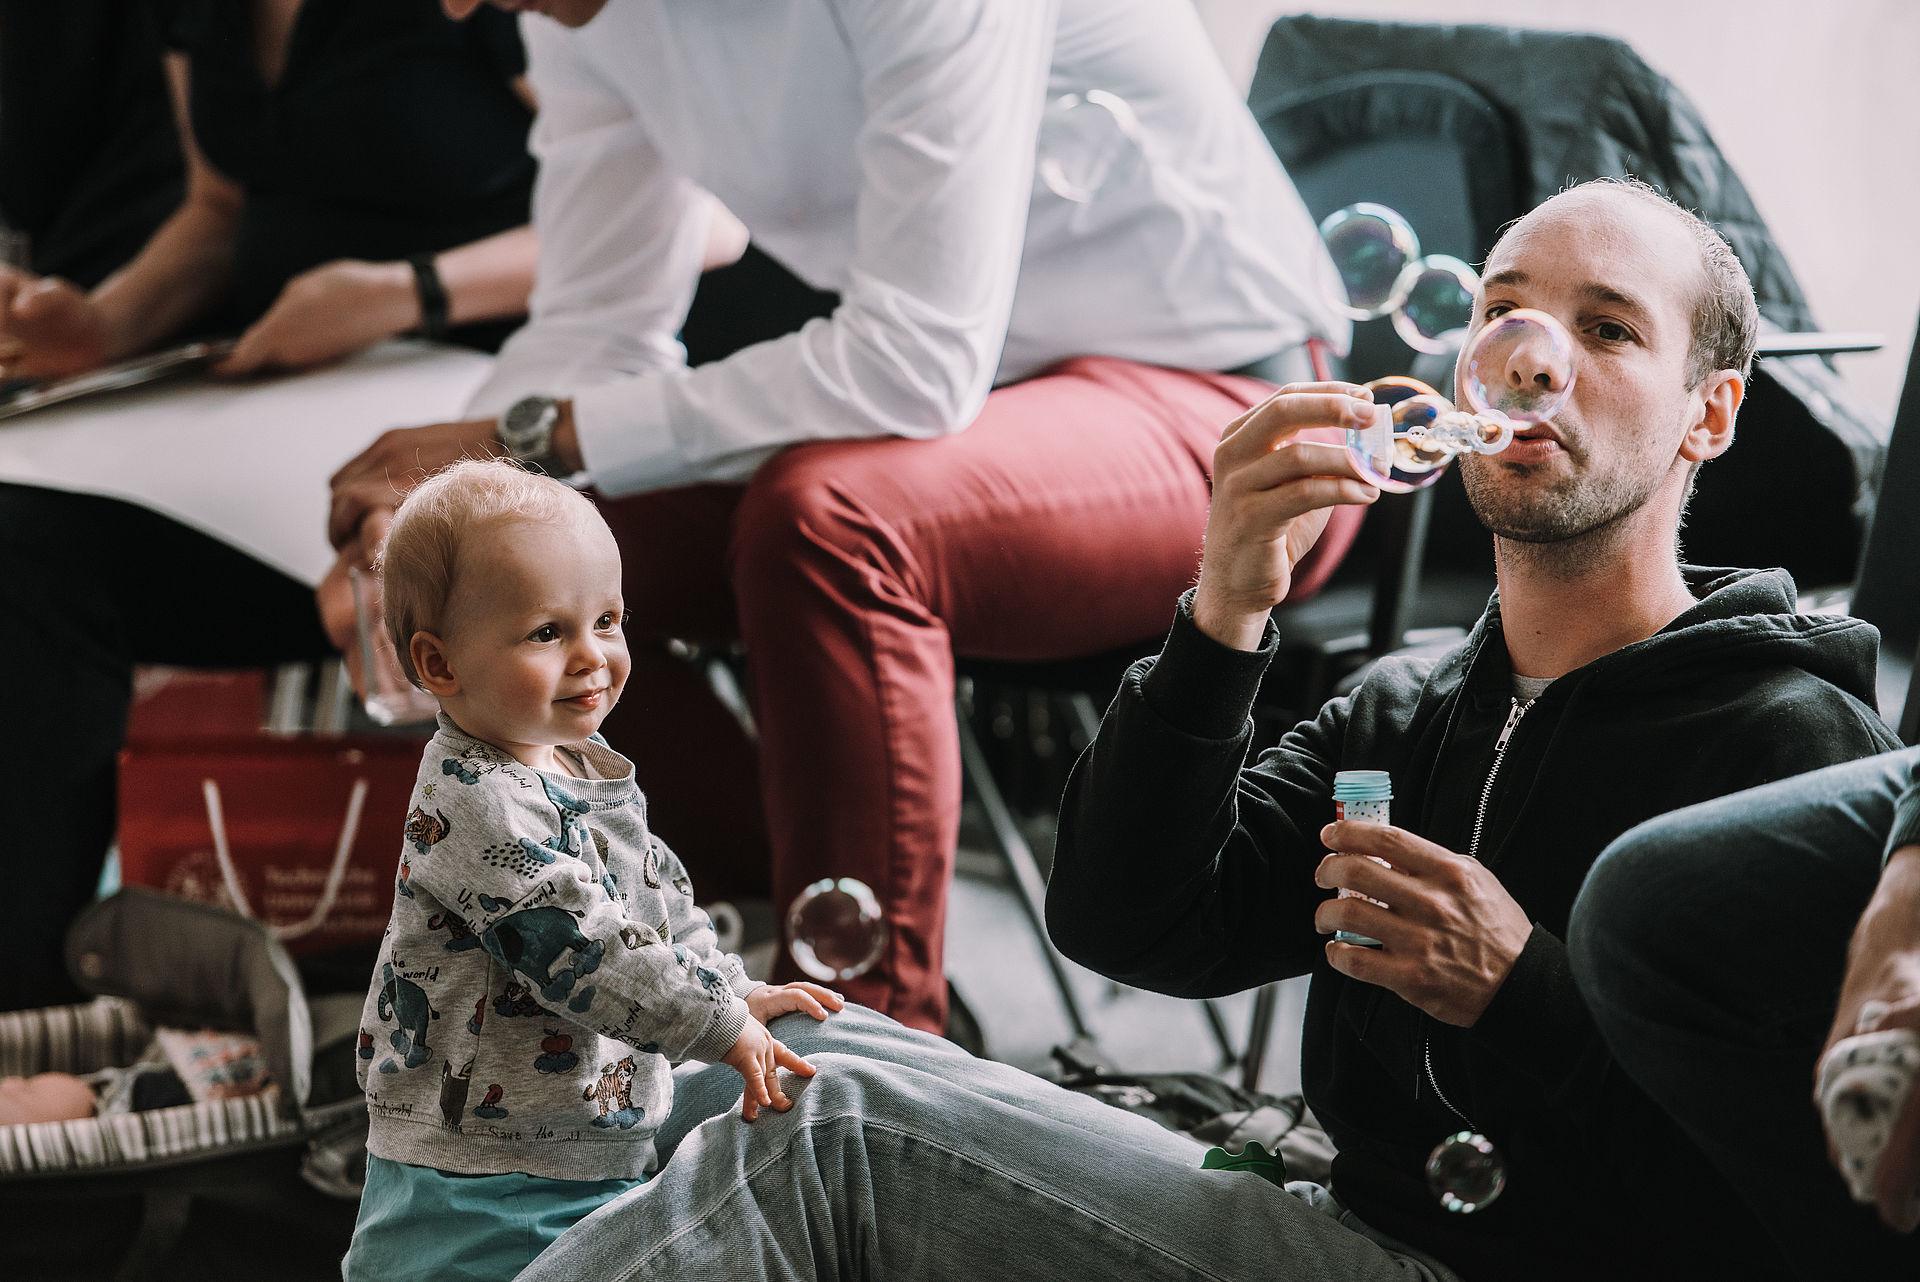 Staunendes Baby mit Papa und Seifenblasen